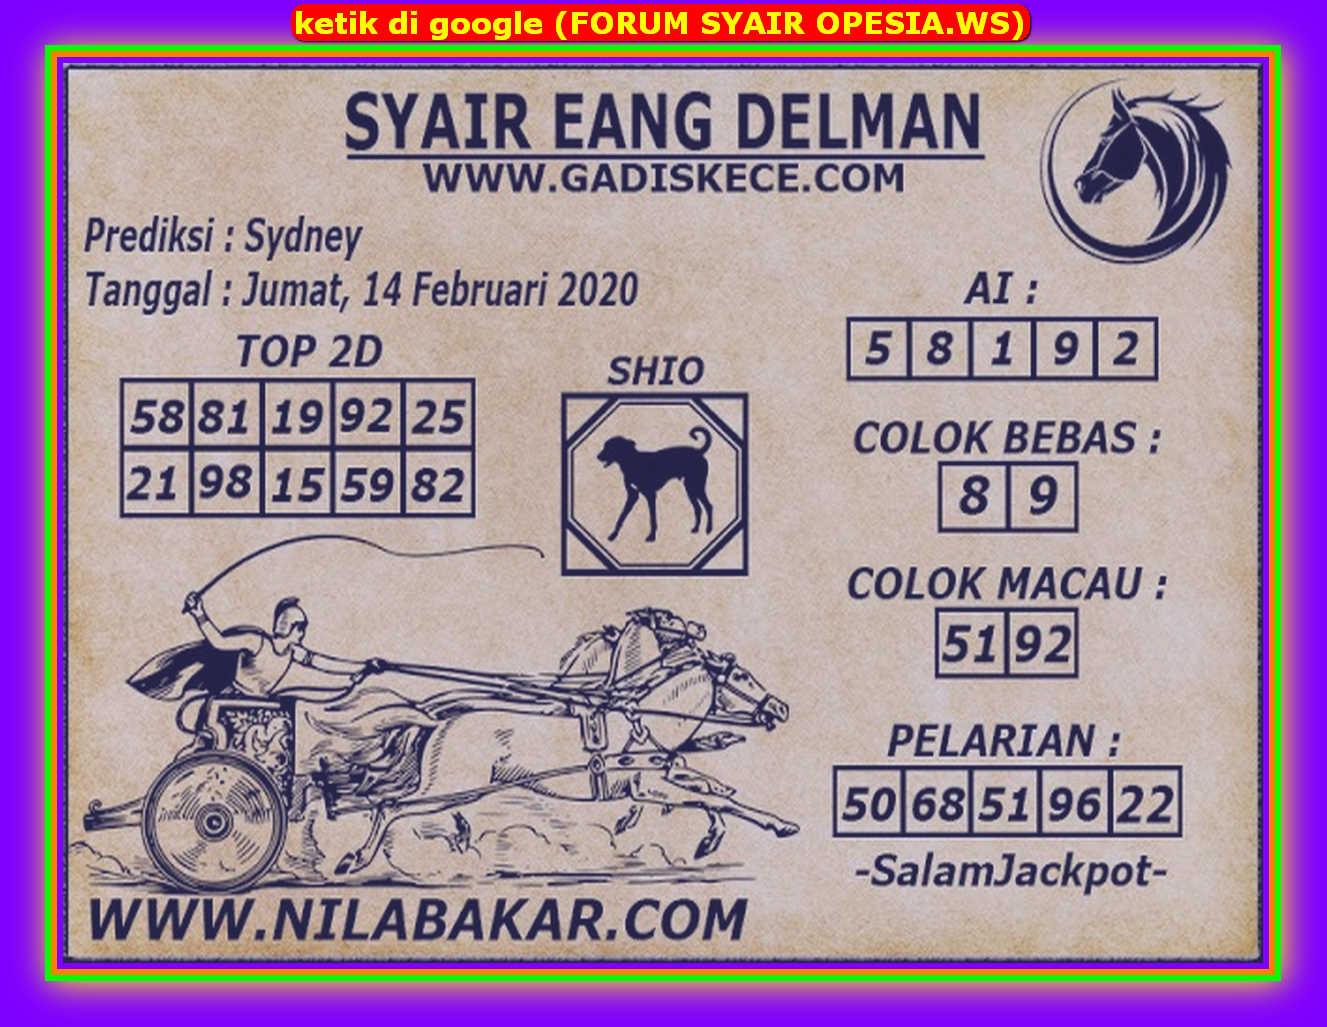 Kode syair Sydney Jumat 14 Februari 2020 53